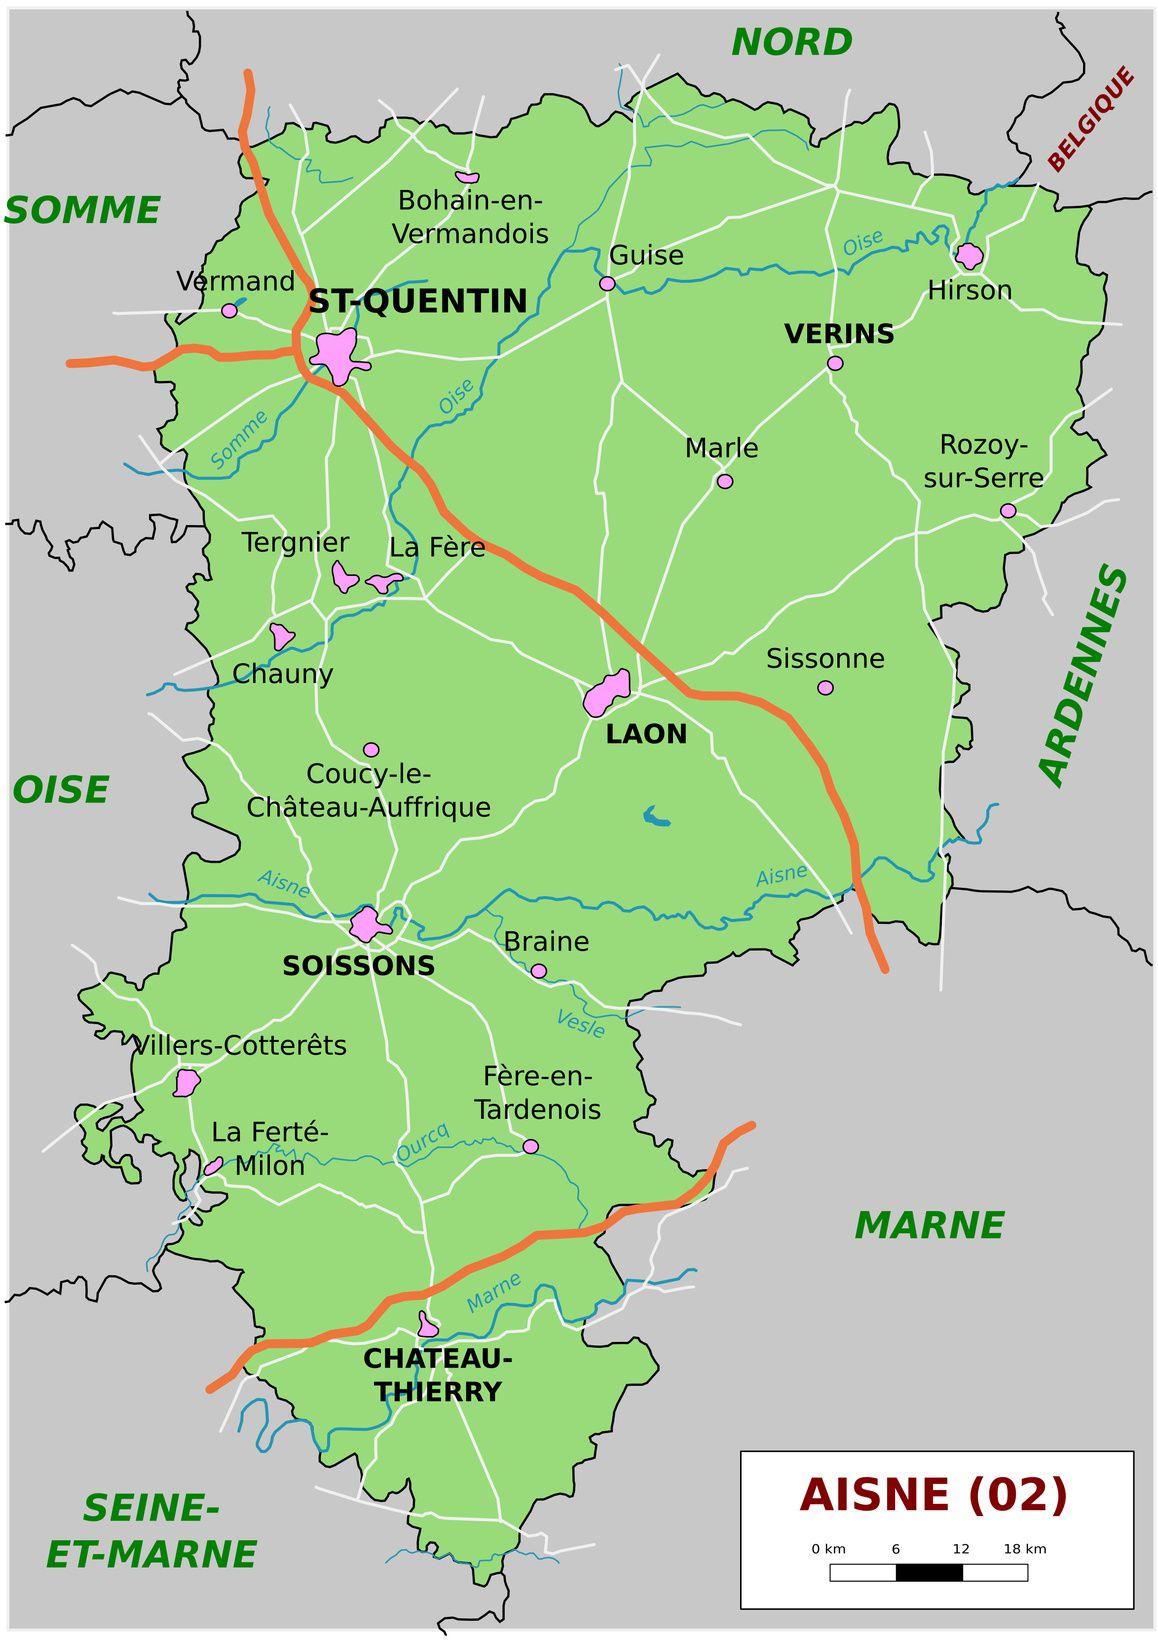 Carte De L'aisne - Aisne Carte Du Département 02 - Villes concernant Carte Des Départements Et Villes